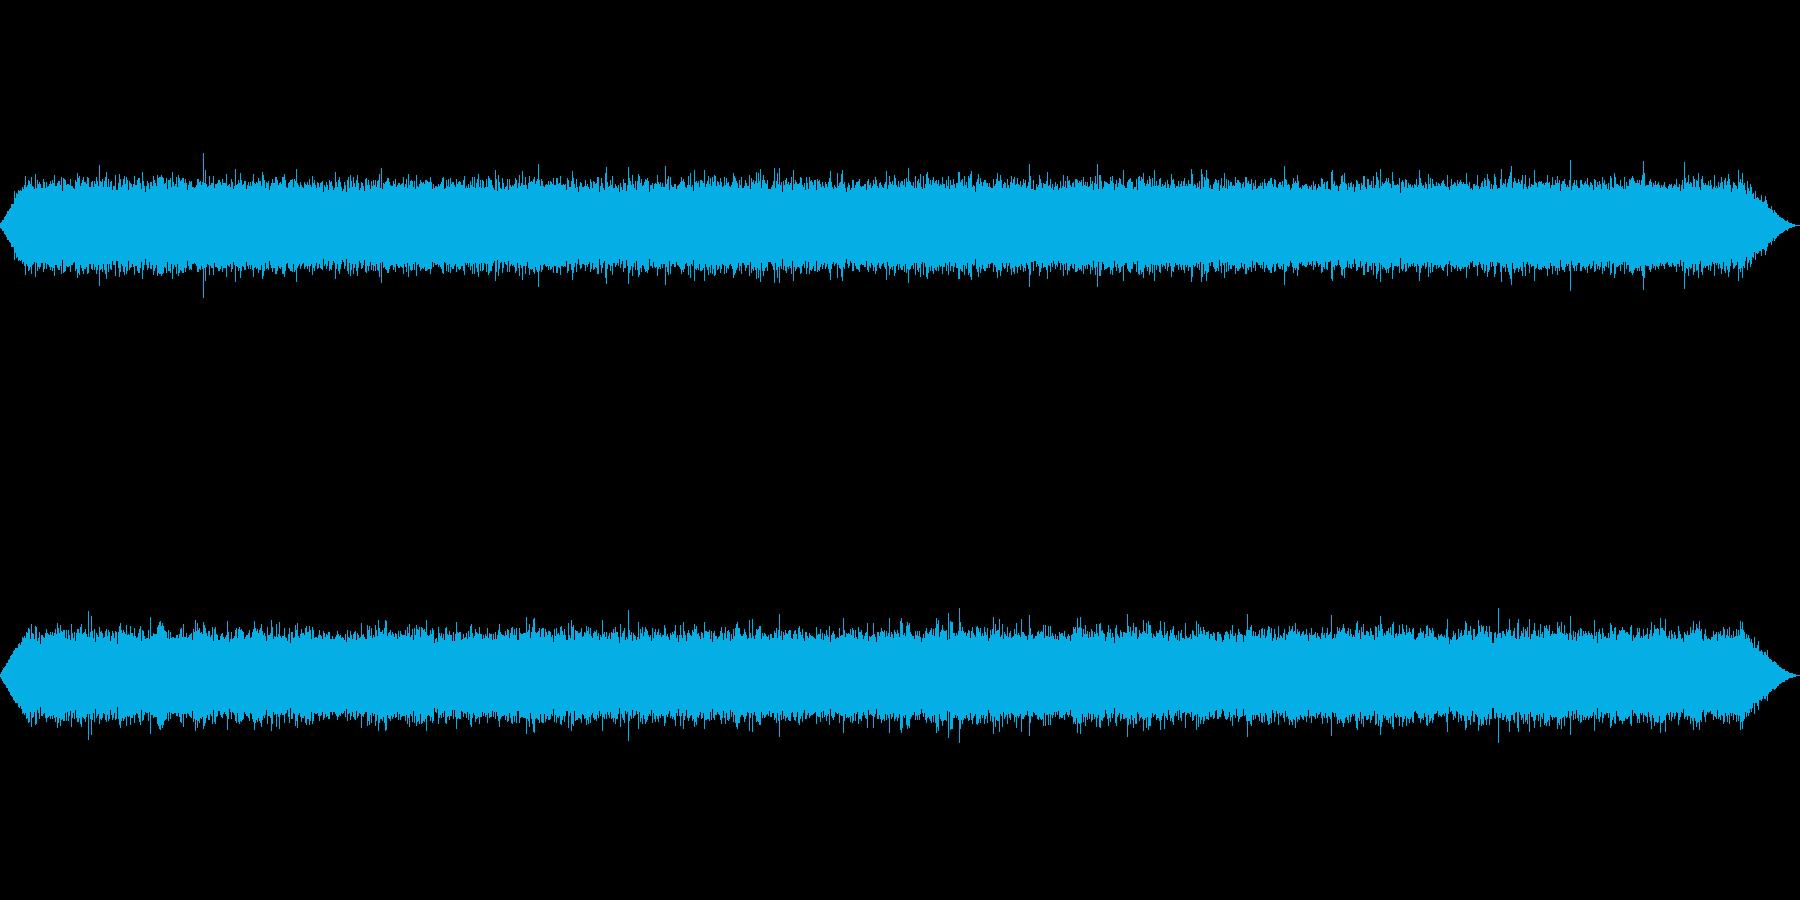 【自然音】渓流01(恵那)バイノーラルの再生済みの波形